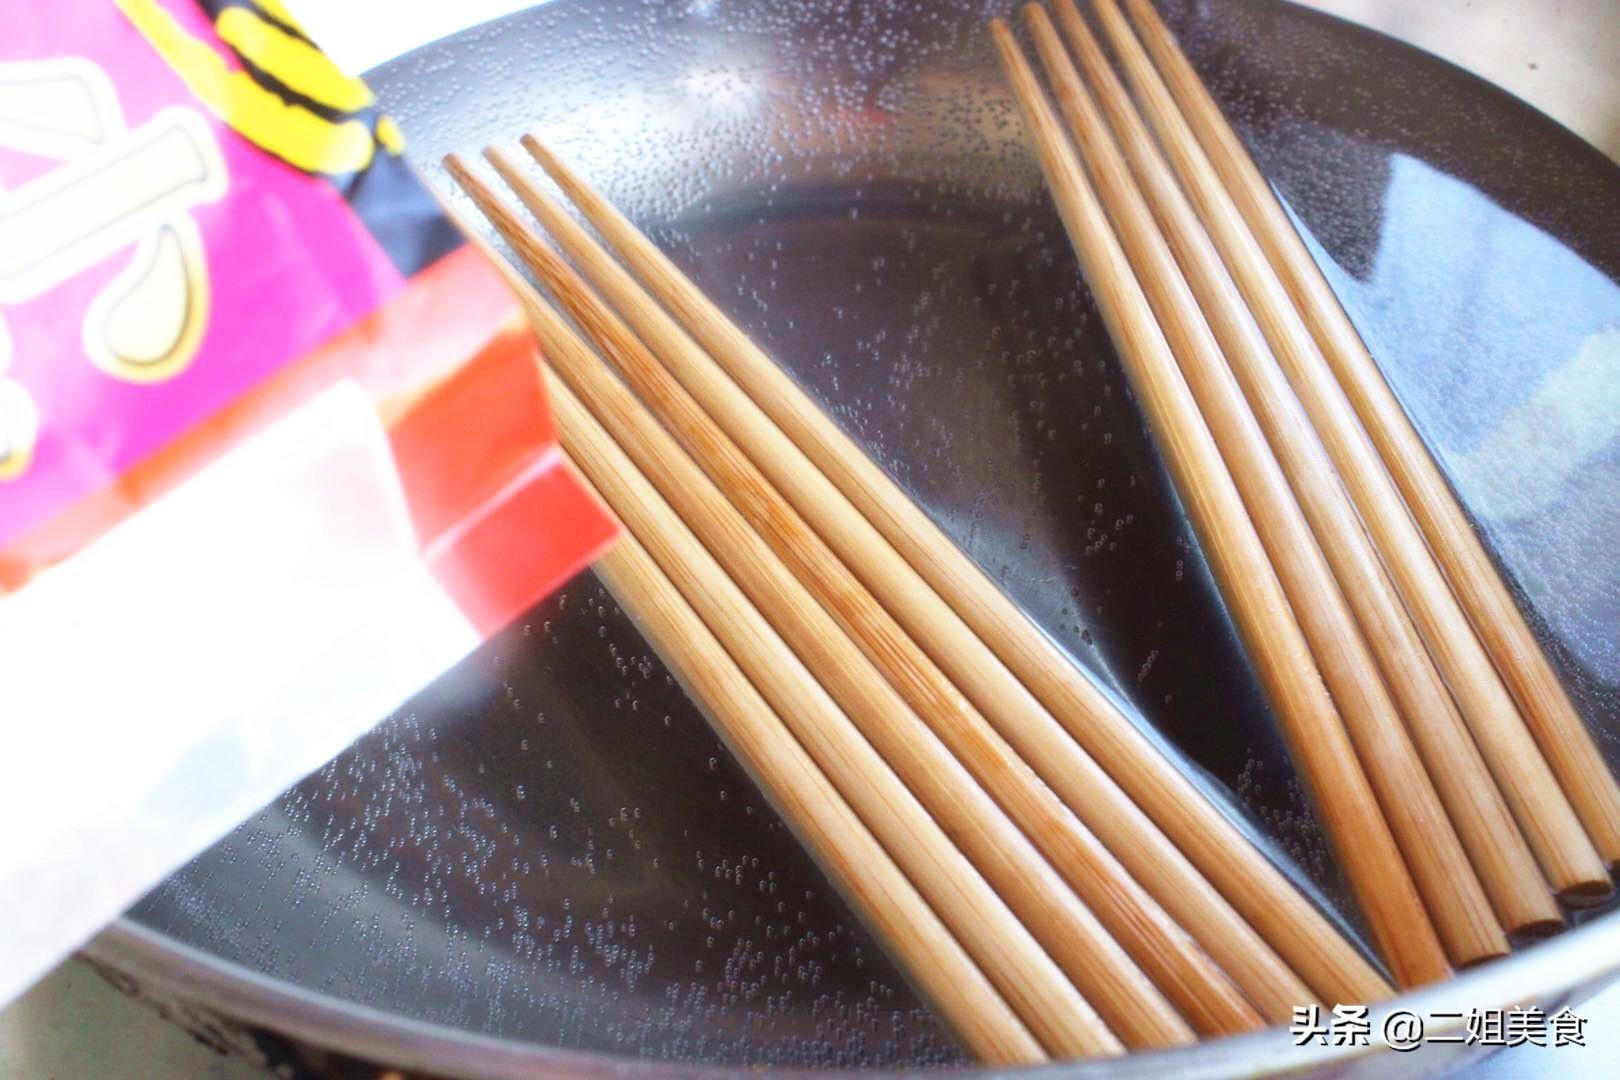 買回來的新筷子別直接用,多做2步,用久不發霉不開裂,簡單實用